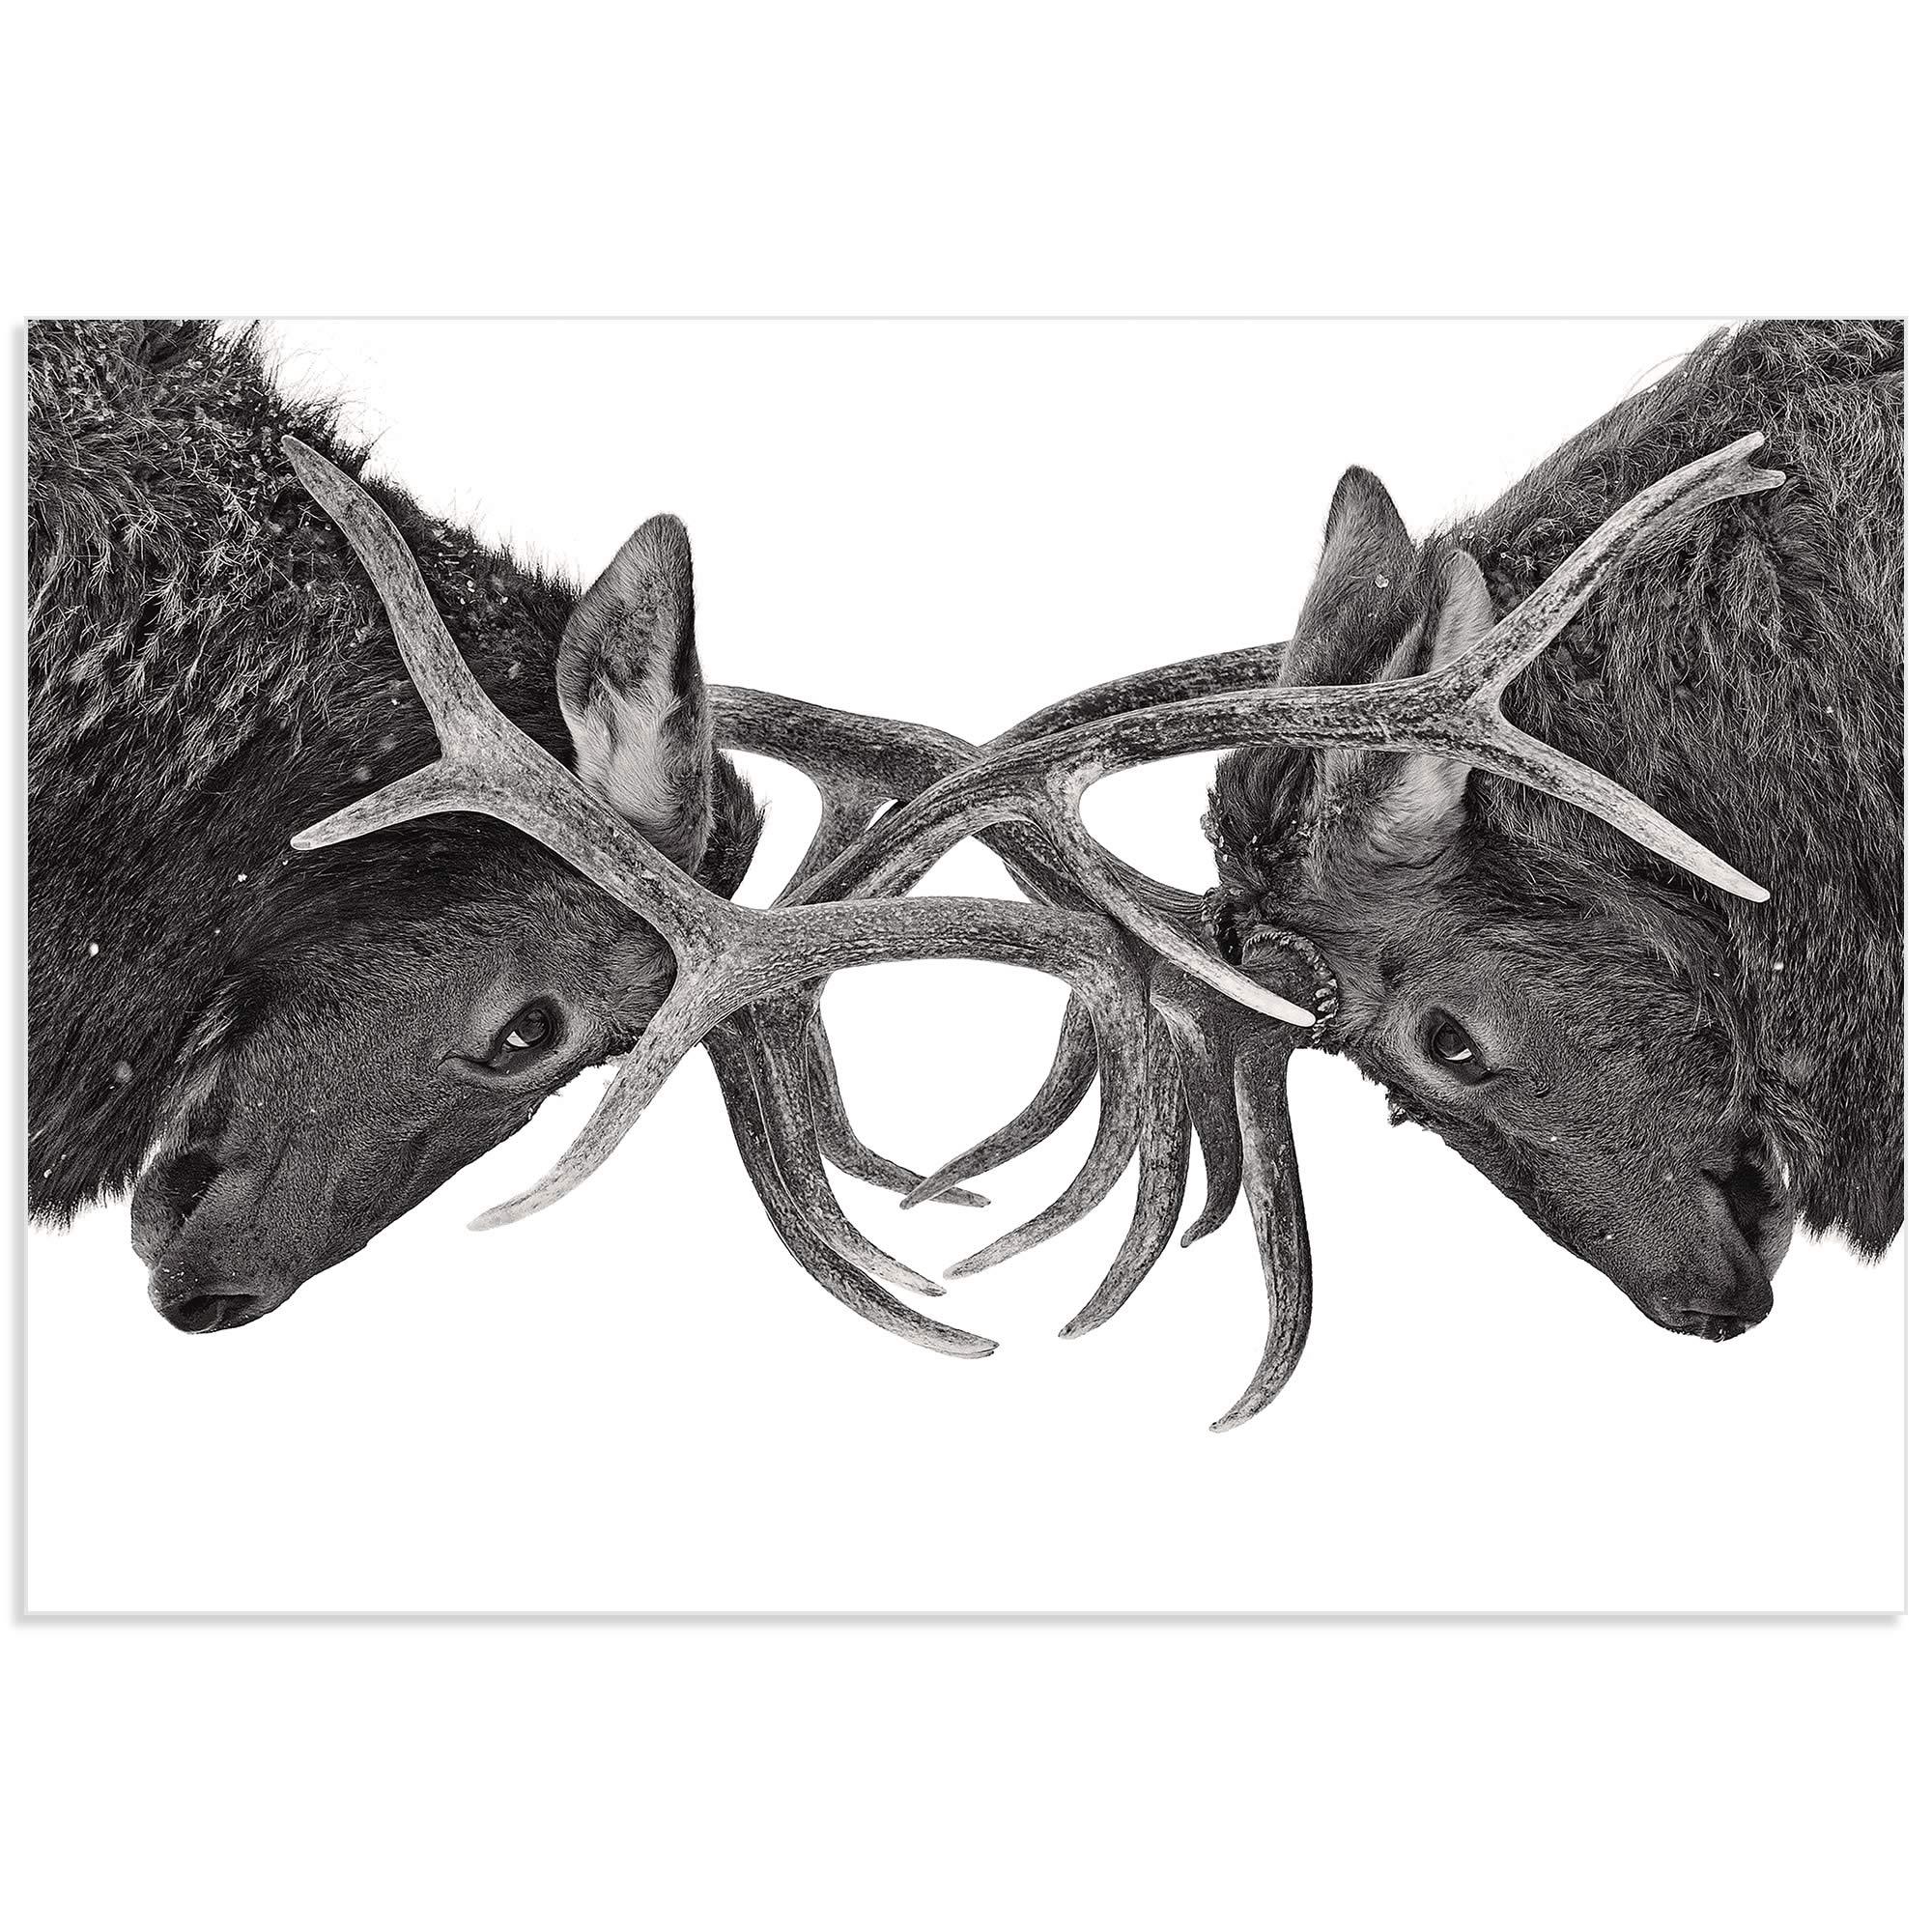 Antler to Antler by Jim Cumming - Deer Antlers Art on Metal or Acrylic - Alternate View 2